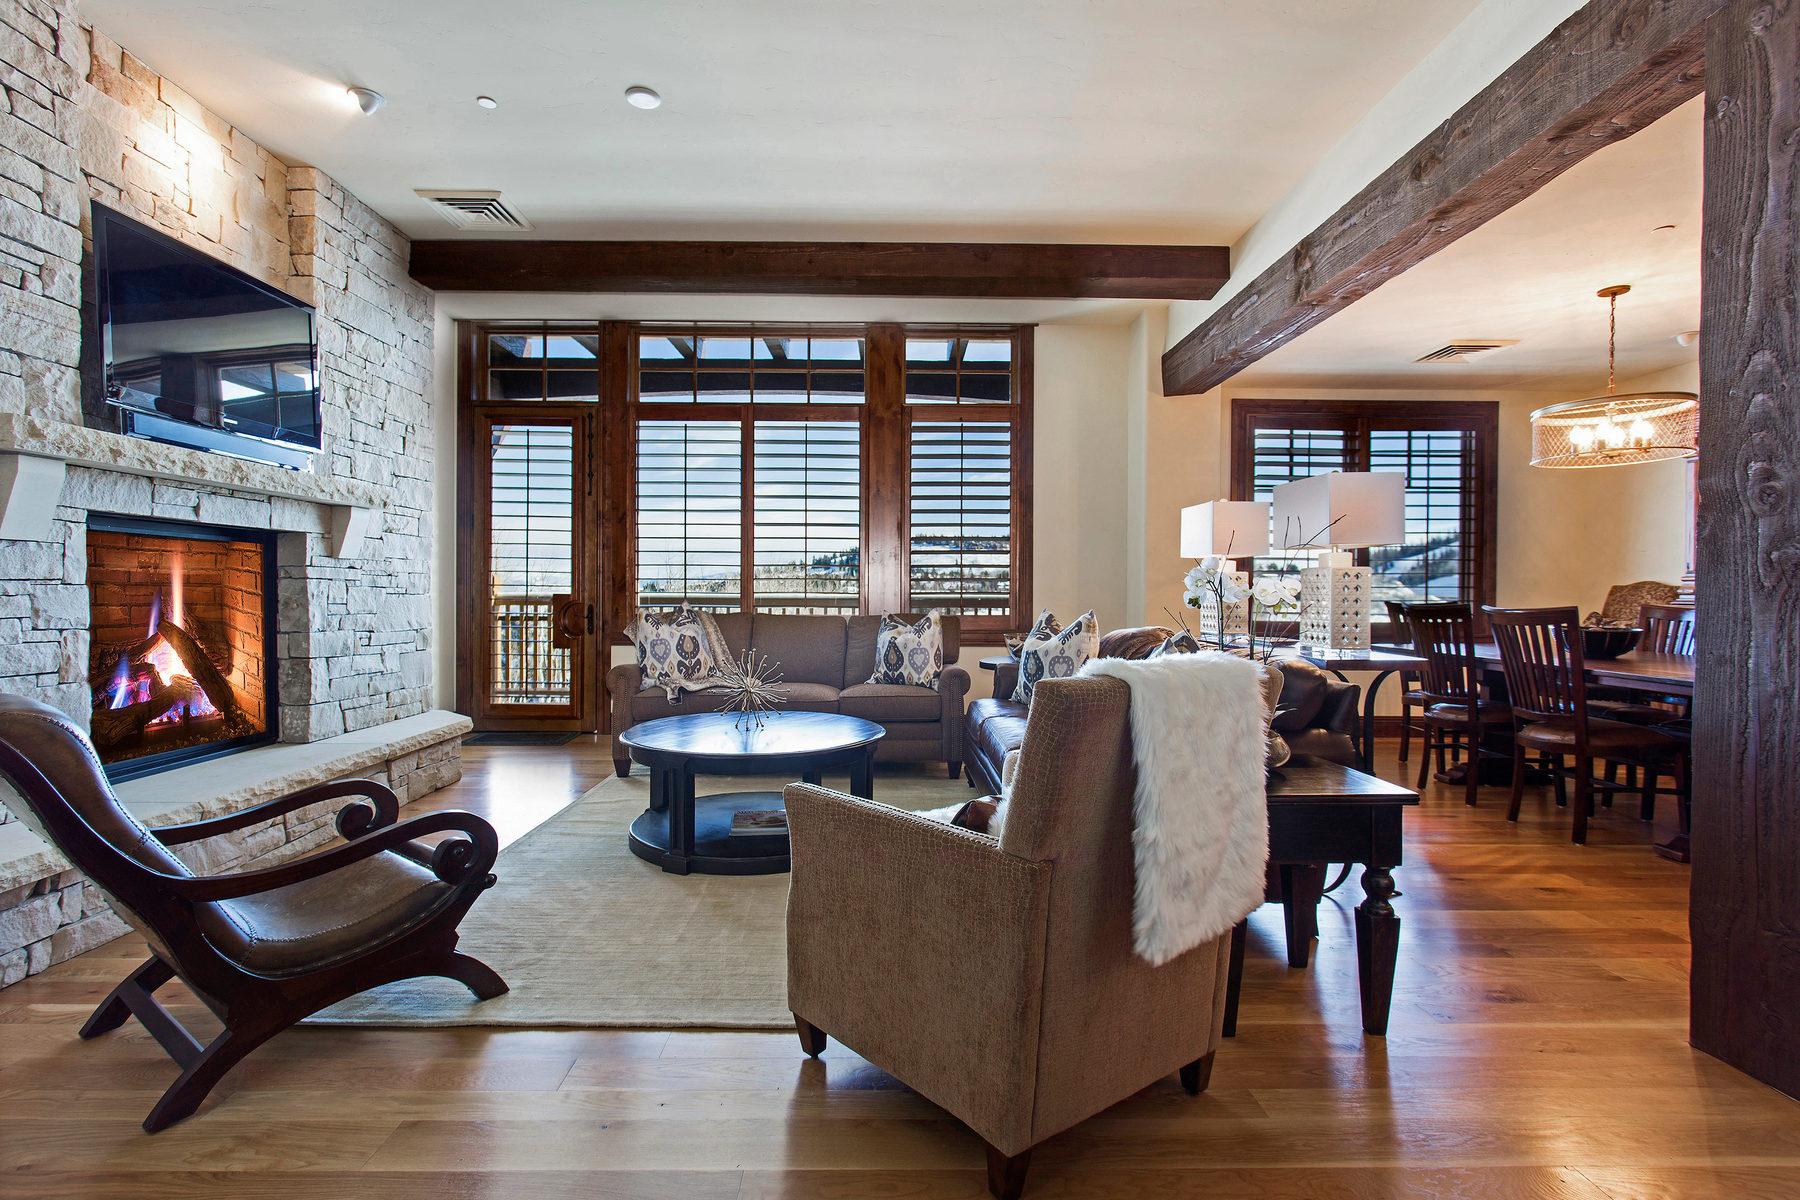 Кондоминиум для того Продажа на Dramatic Deer Valley Views 8902 Empire Club Dr #604 Park City, Юта, 84060 Соединенные Штаты